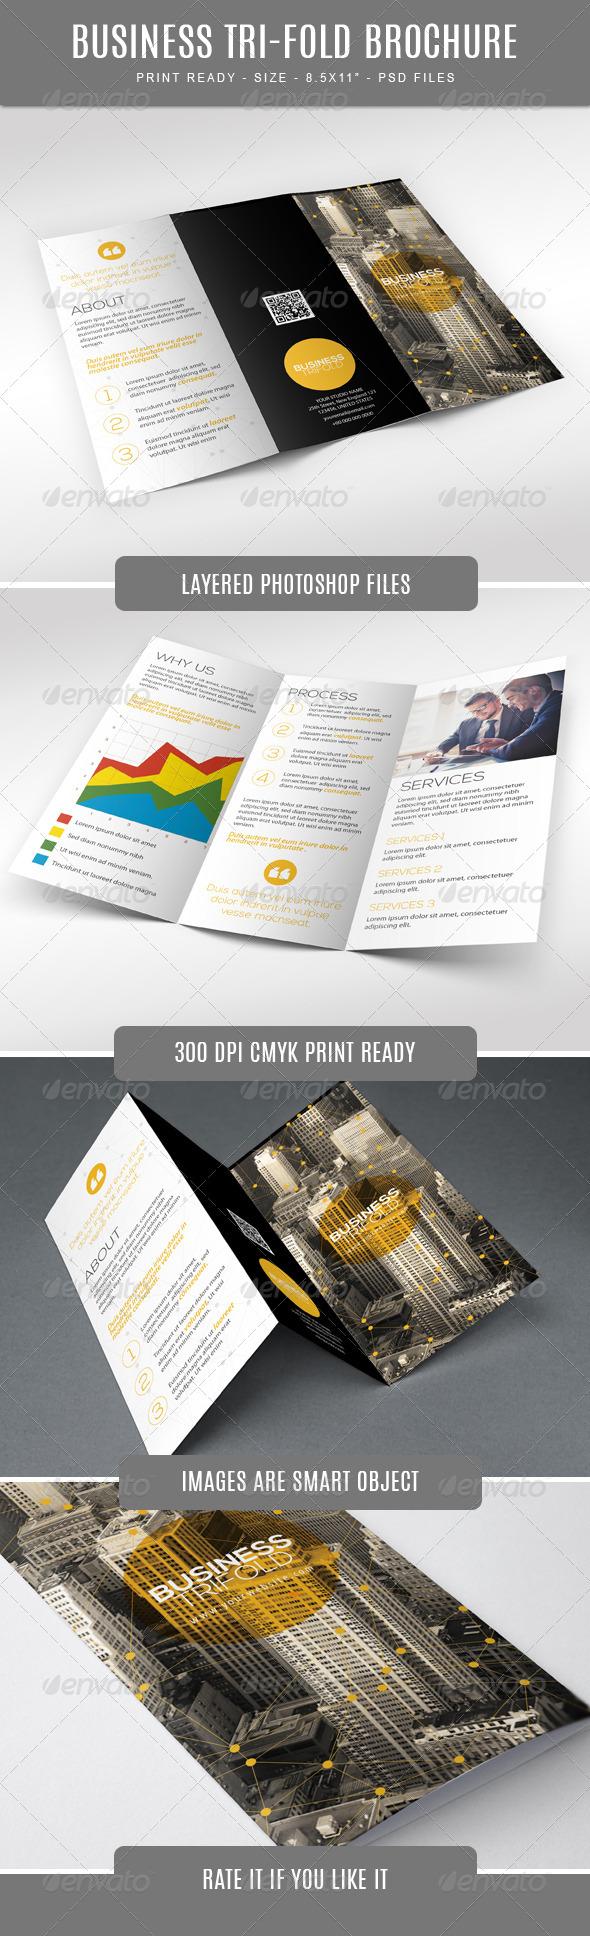 GraphicRiver Business Tri-Fold Brochure 7751723